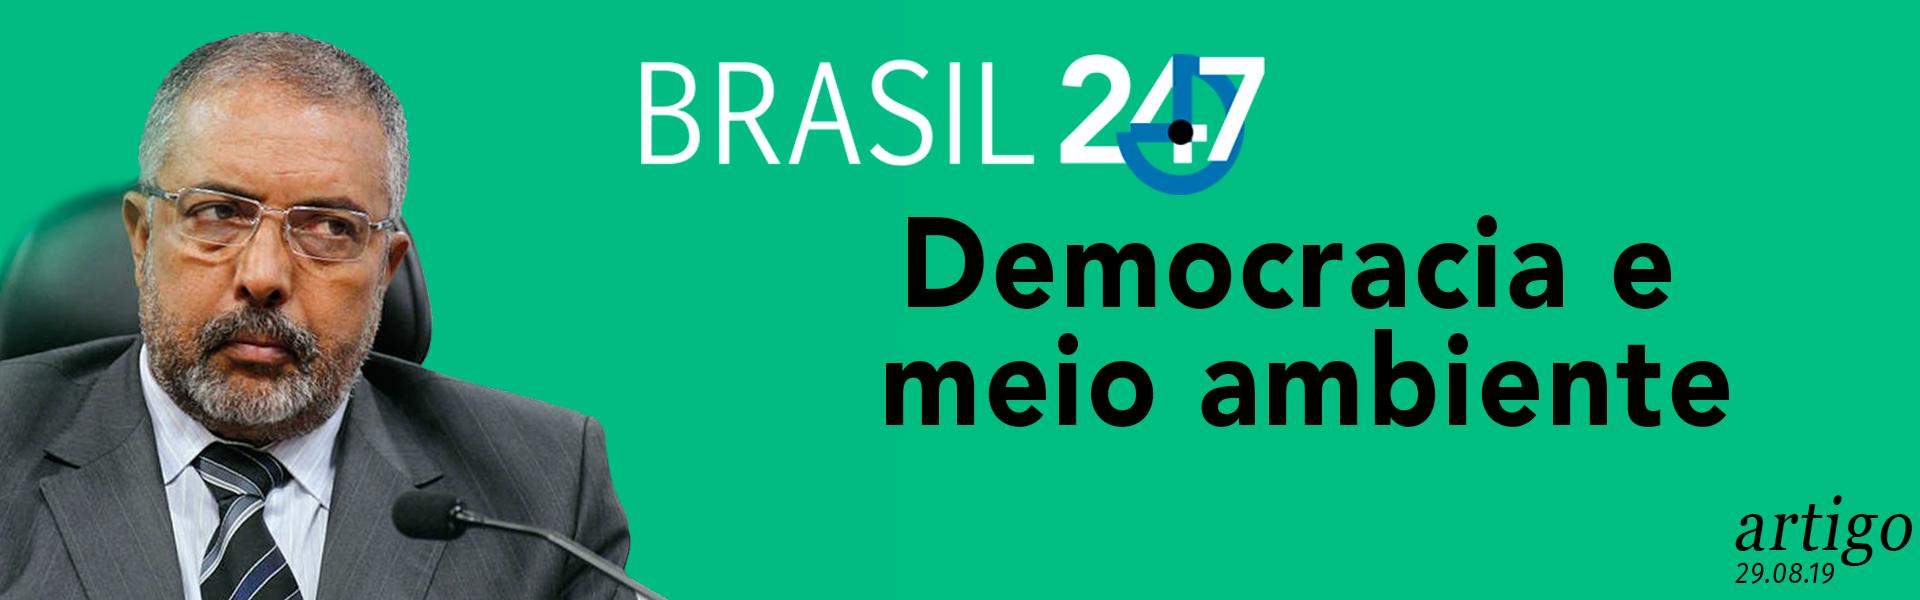 Democracia e meio ambiente    ARTIGO 29.08.19   BRASIL 247